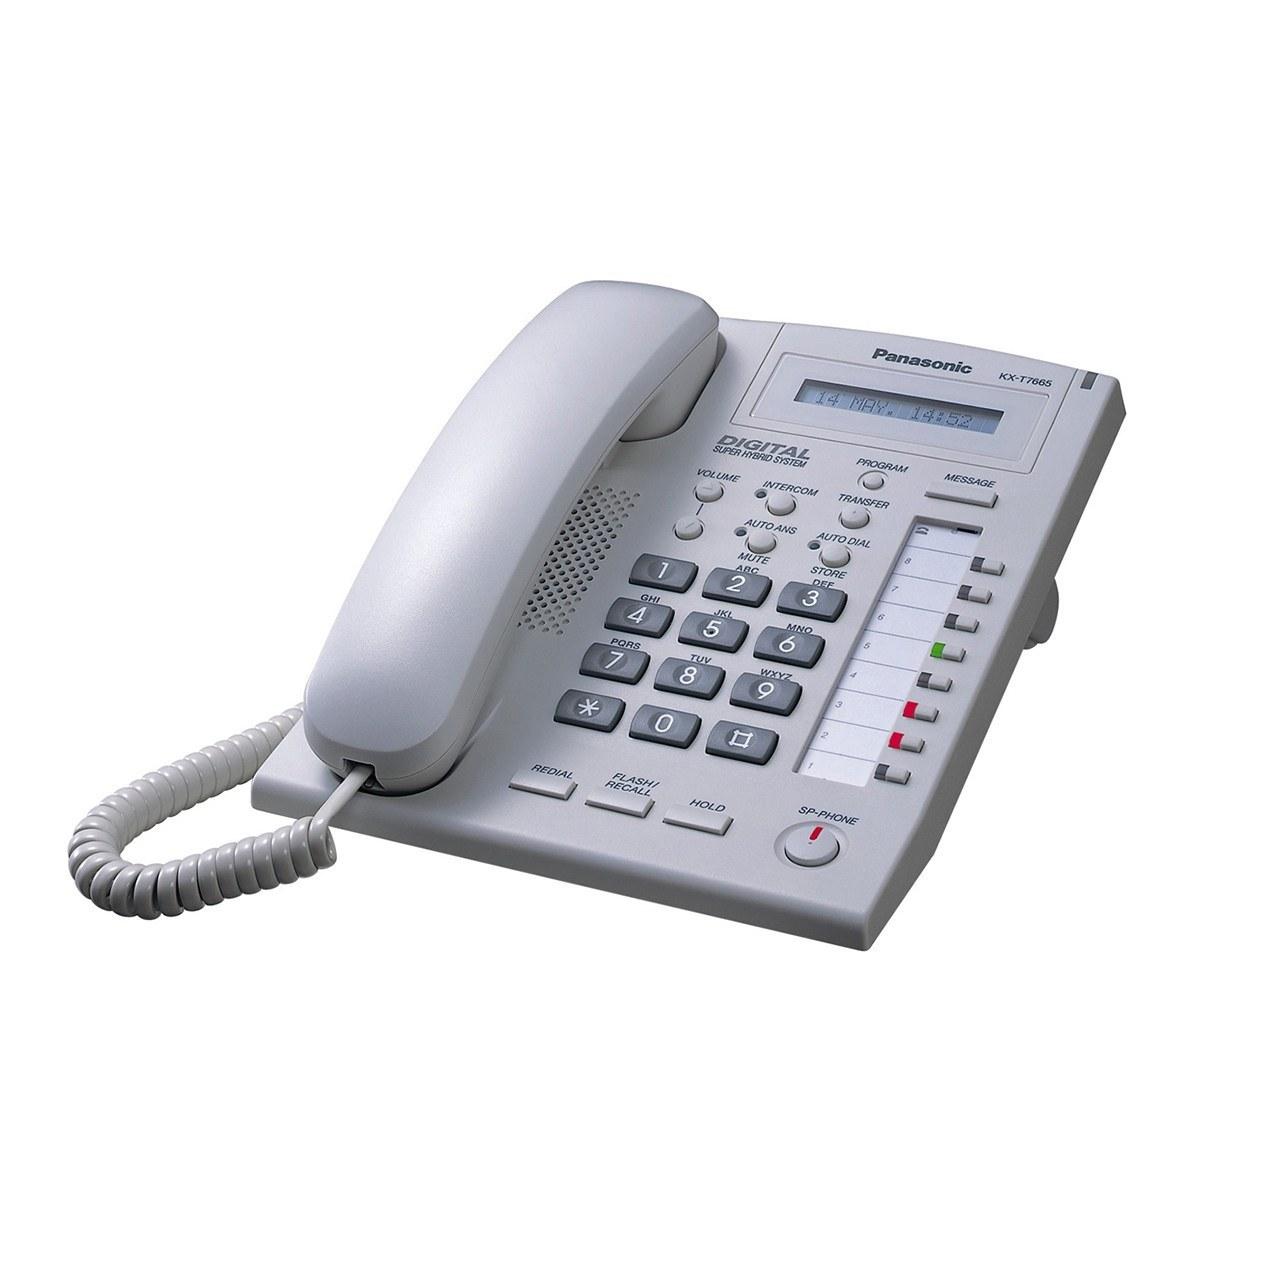 تصویر گوشی تلفن سانترال پاناسونیک Panasonic  Telephone KX-T7665